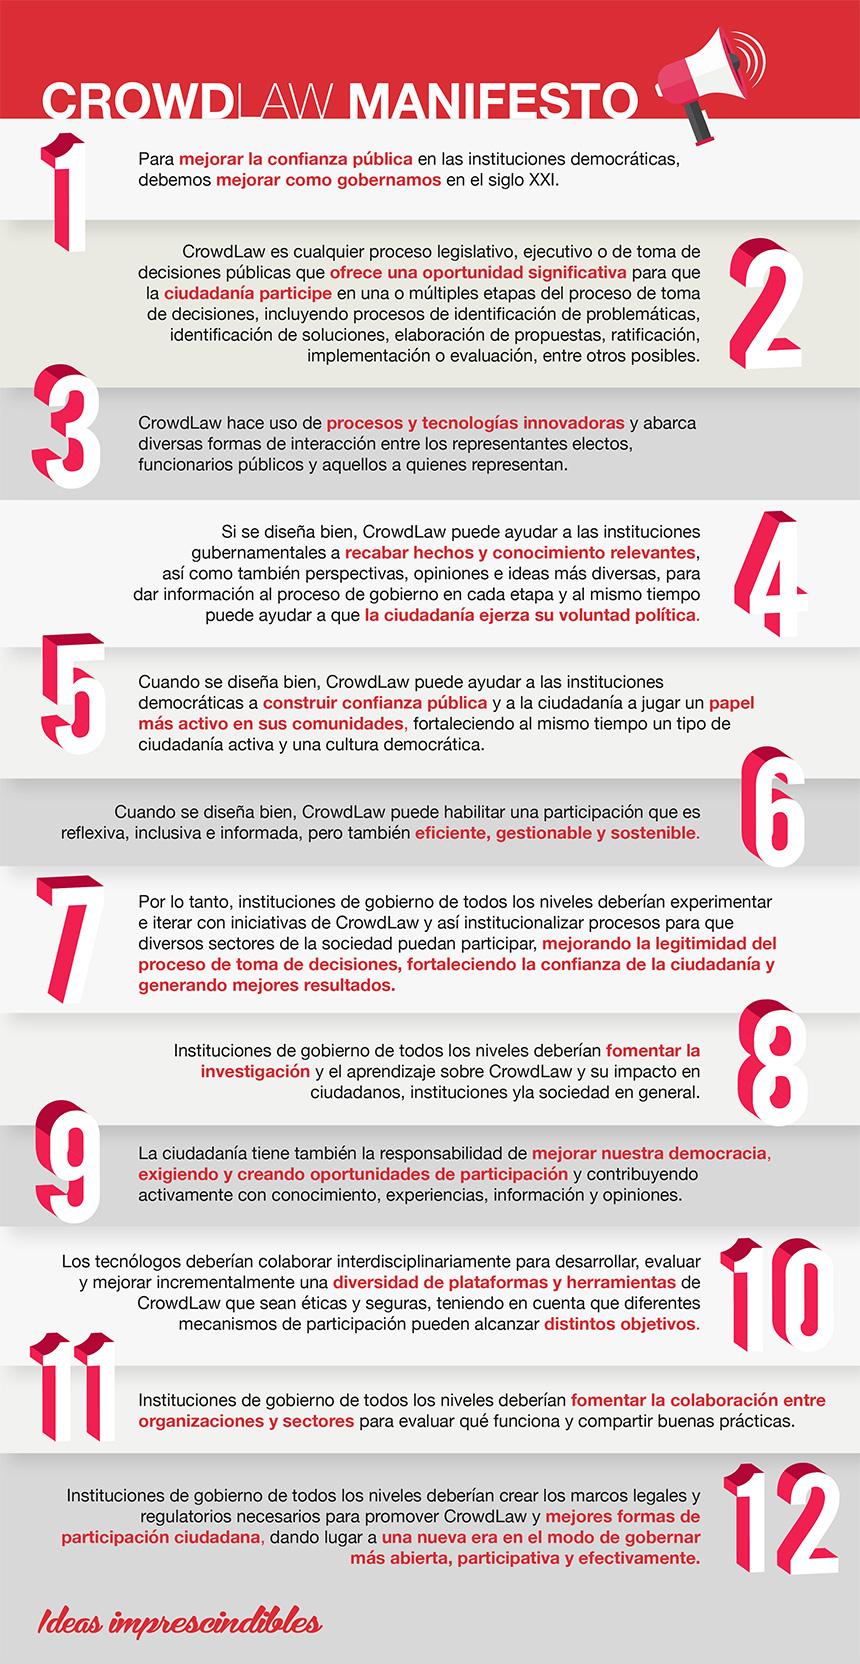 Esos 12 principios constituyeron el CrowdLaw Manifesto, una declaración de intenciones que resume las ideas fundamentales de este movimiento que parece decidido a revitalizar la democracia